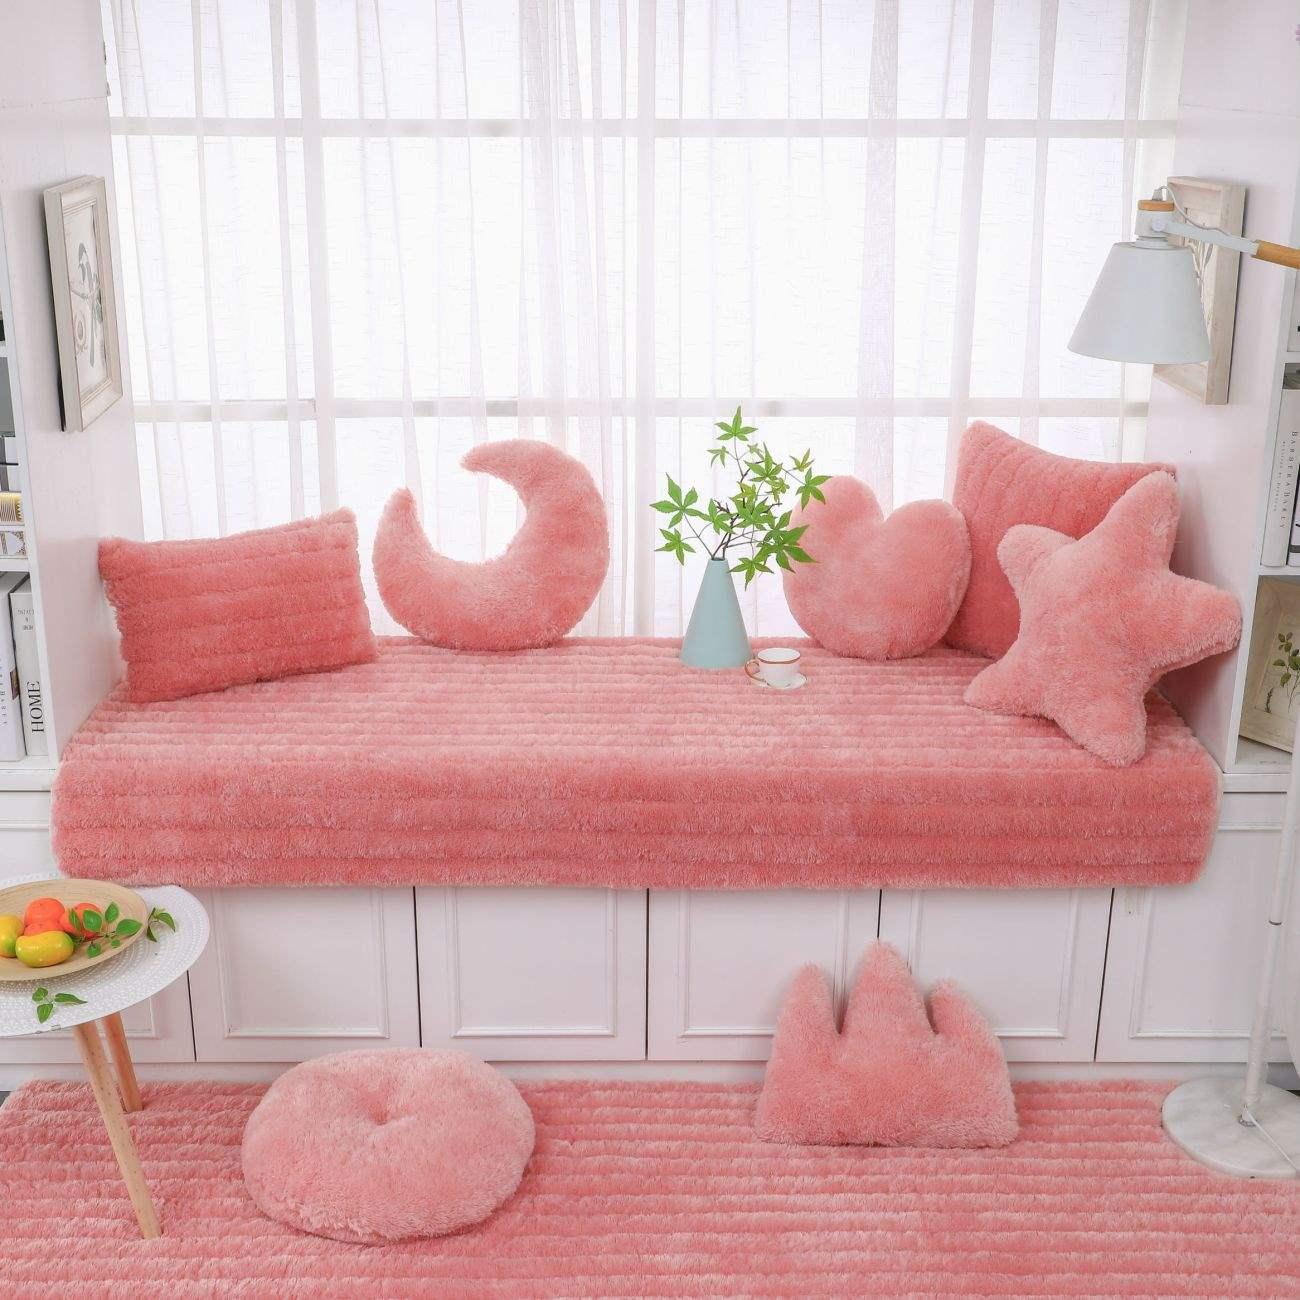 飘窗垫榻榻米垫简约毛绒四季窗台垫坐垫卧室加厚防滑沙发垫可机洗10月17日最新优惠